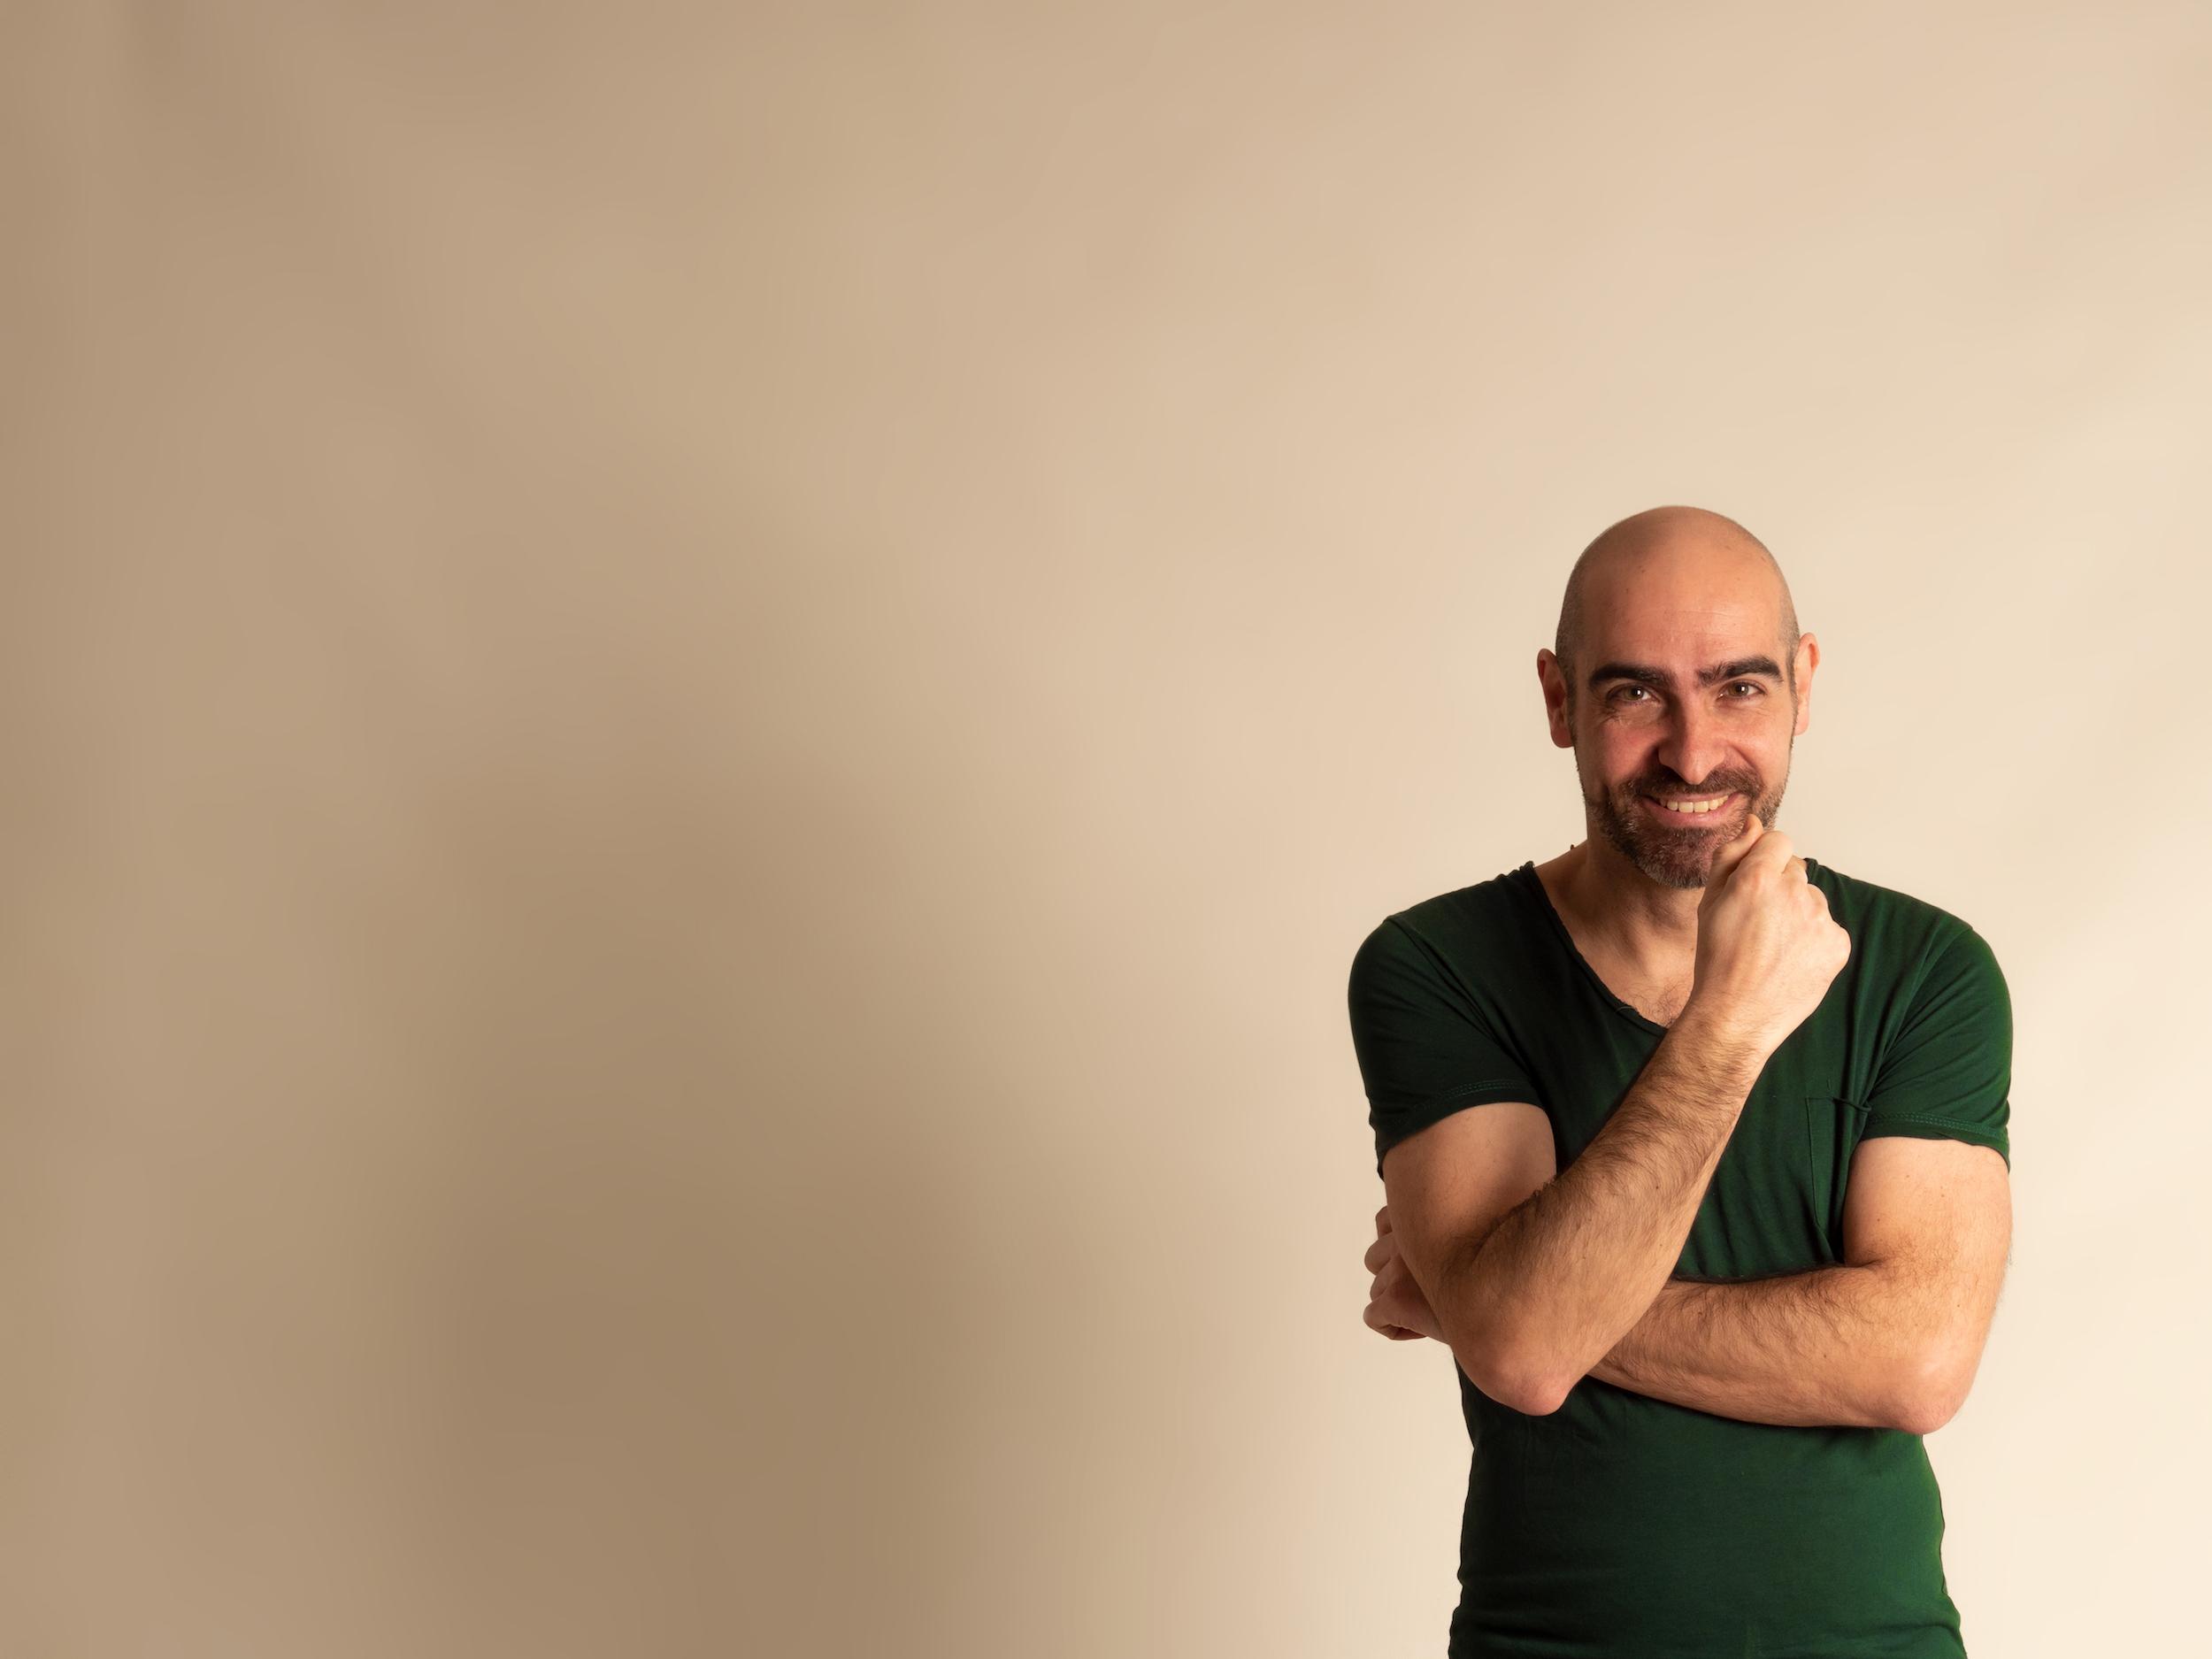 Bernat Muñoz - actor 37